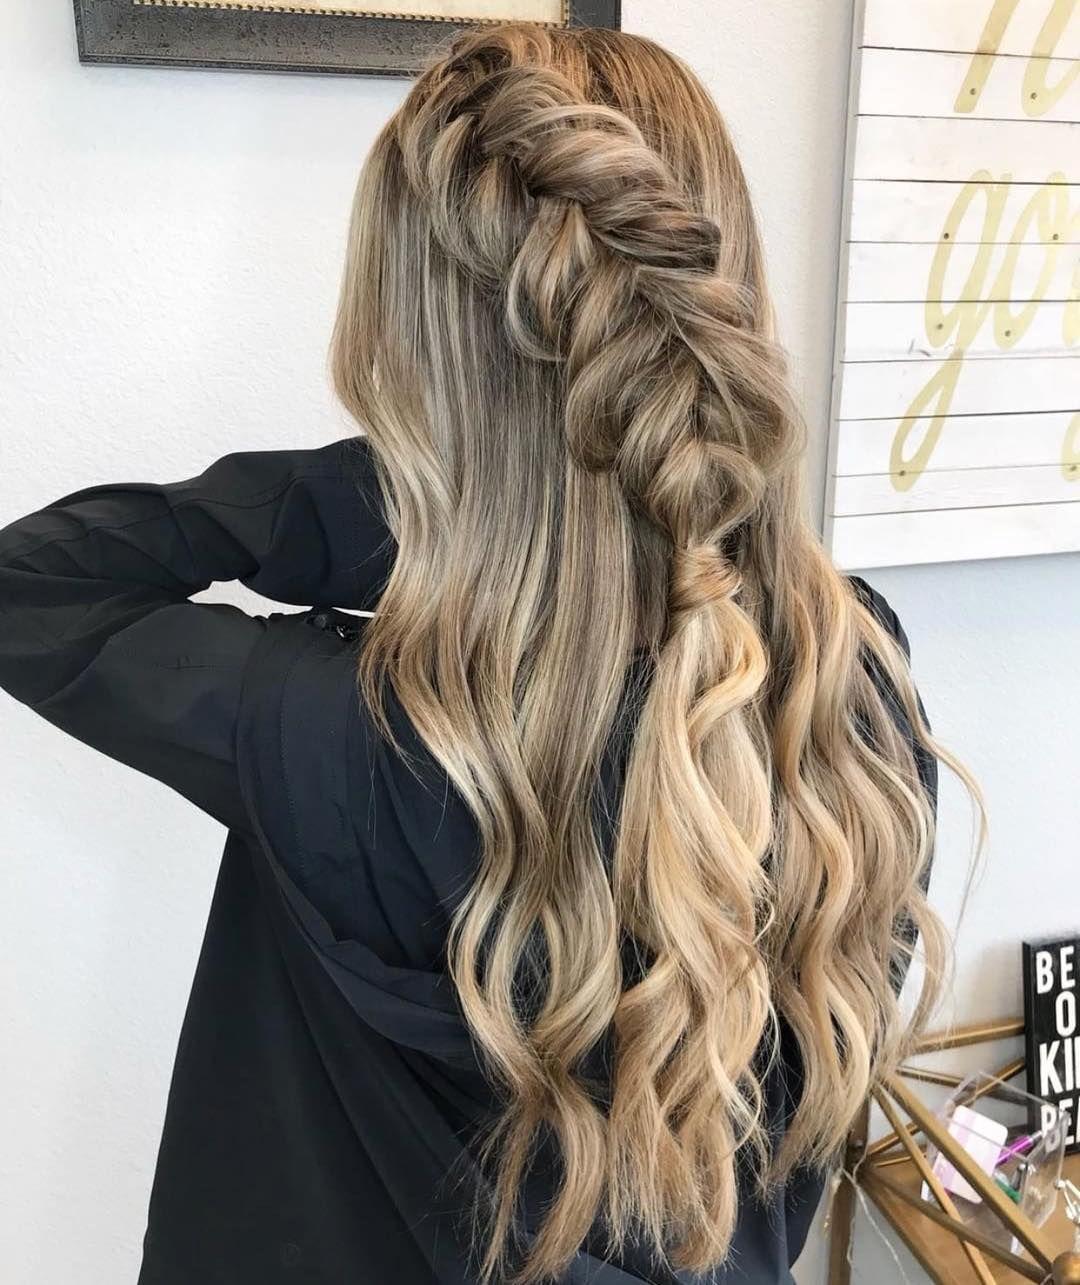 Pretty braid hairstyle fishtail braid hairstyles hairstyle ideas